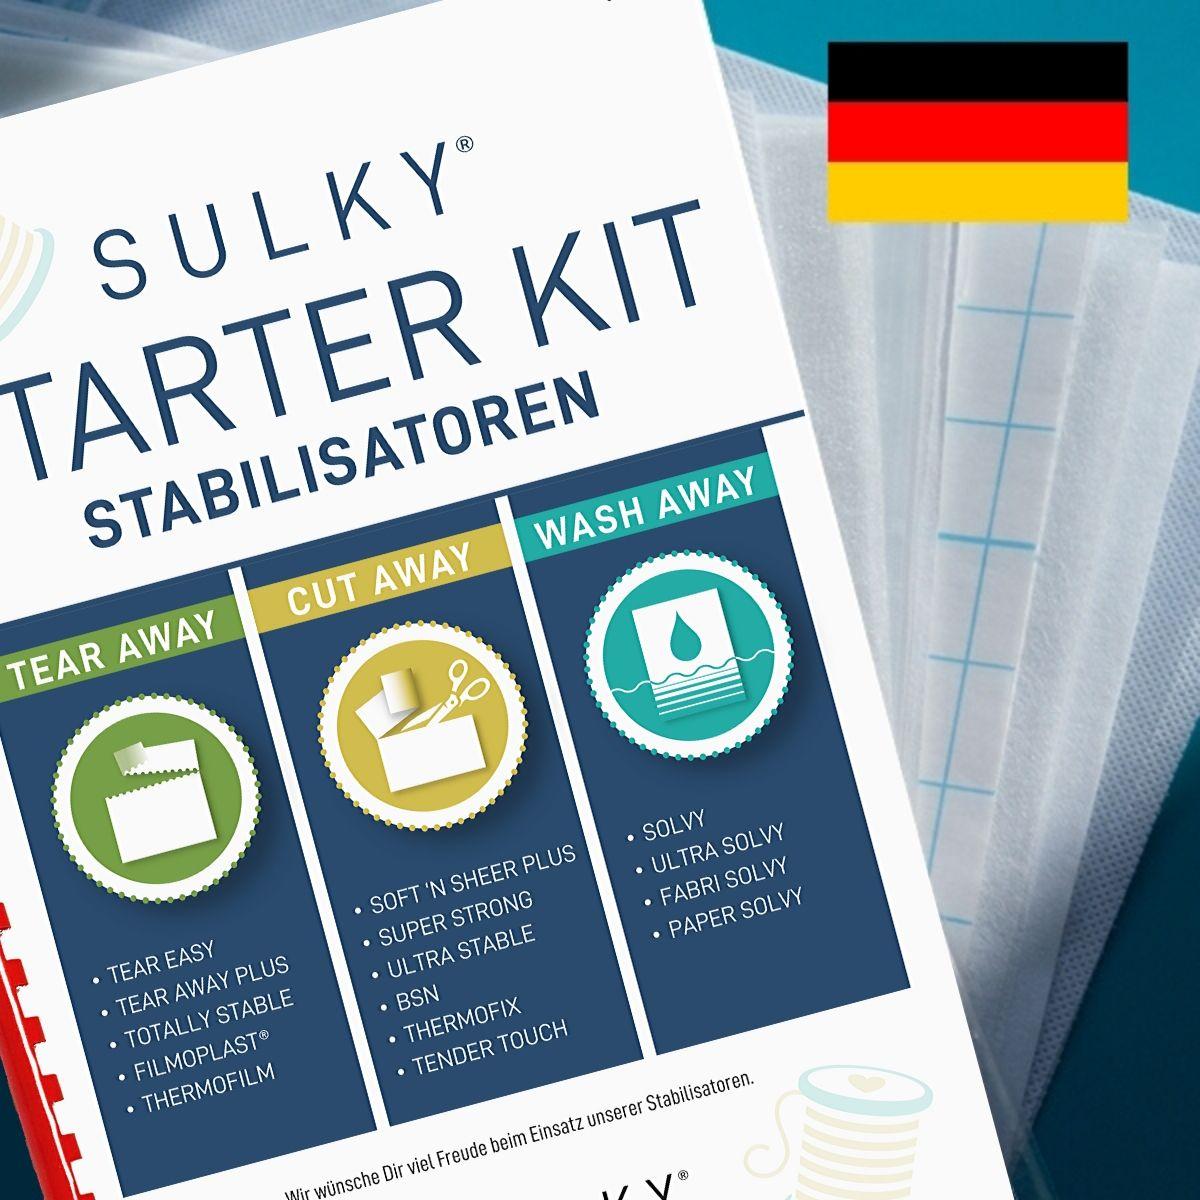 SULKY® Starter Kit Stabilisatoren